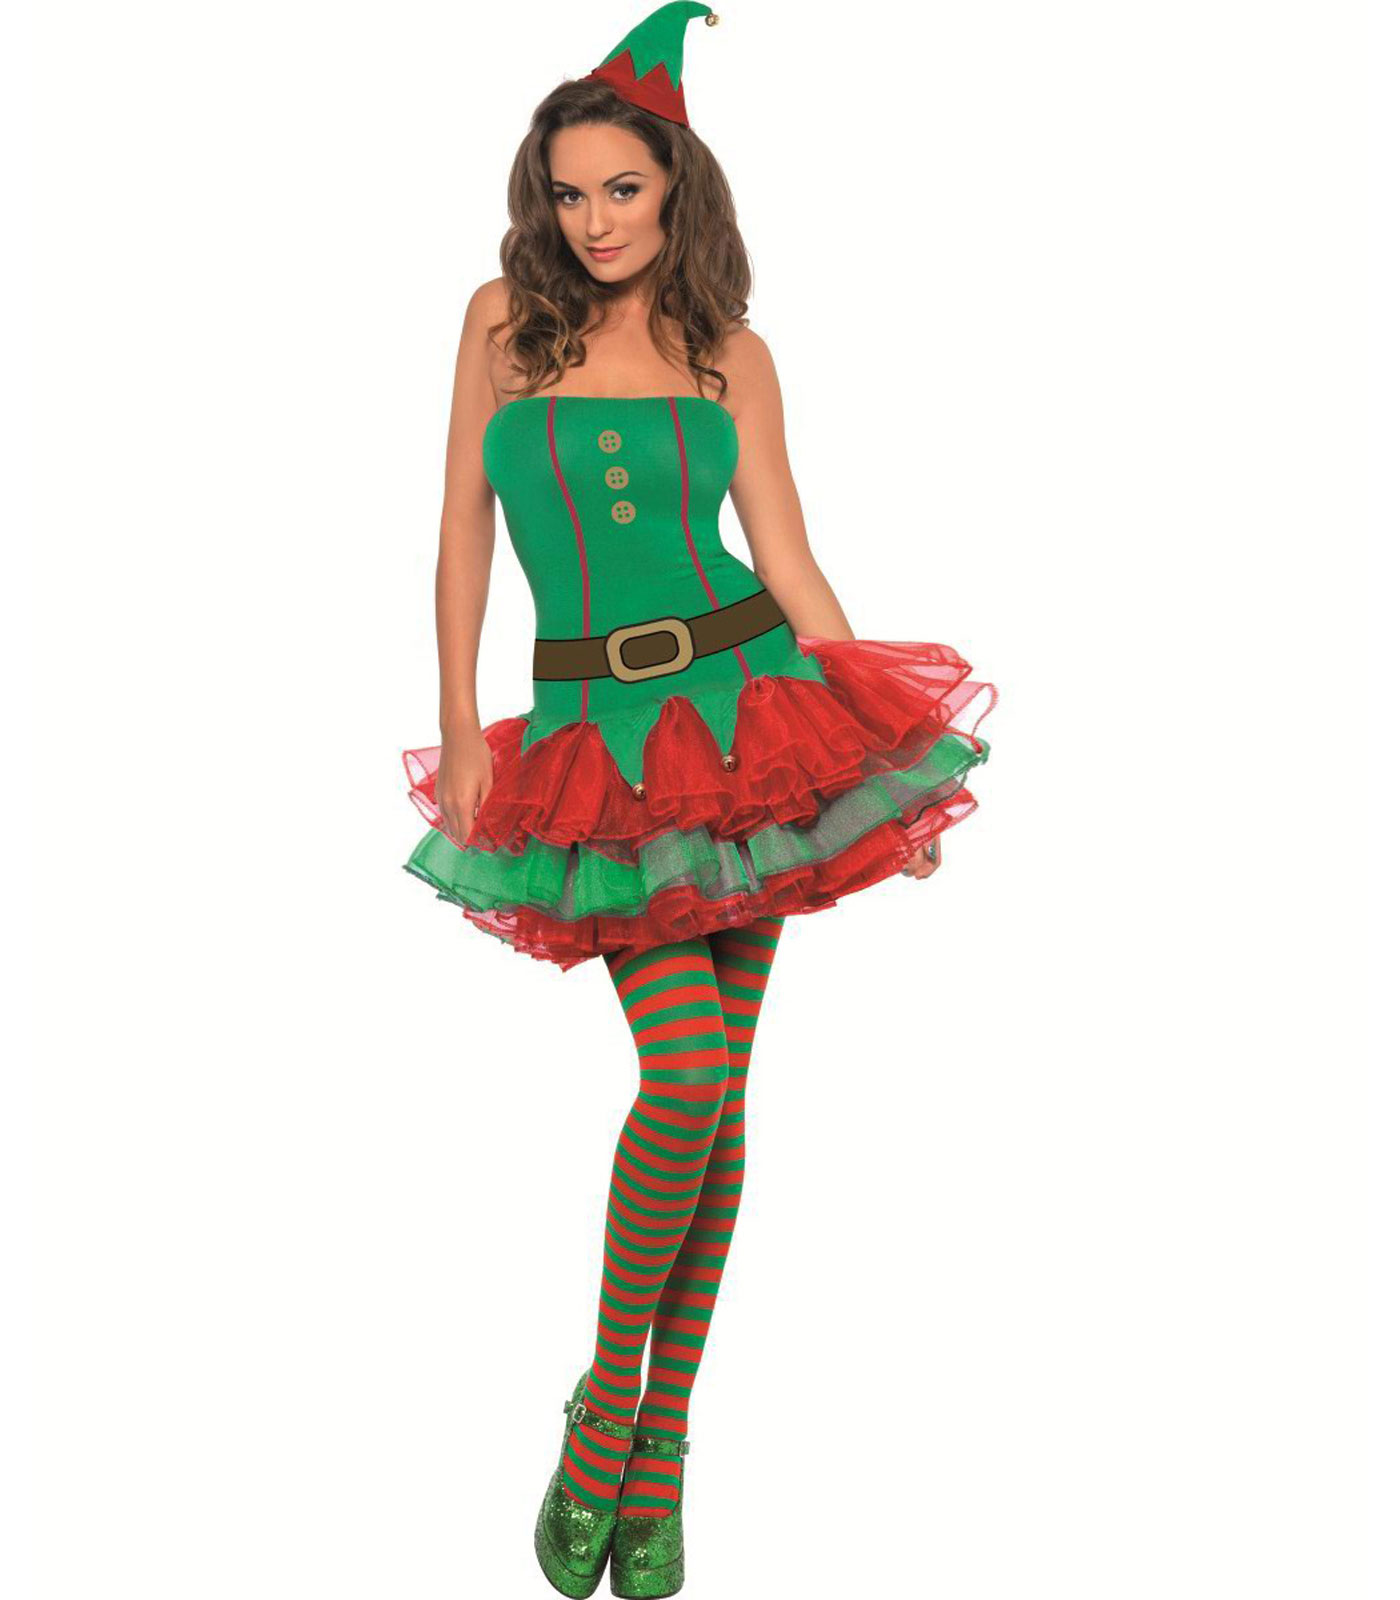 Sonderkauf Gutscheincode klassischer Stil von 2019 Sexy Weihnachtswichtel Damenkostüm Weihnachtself grün-rot